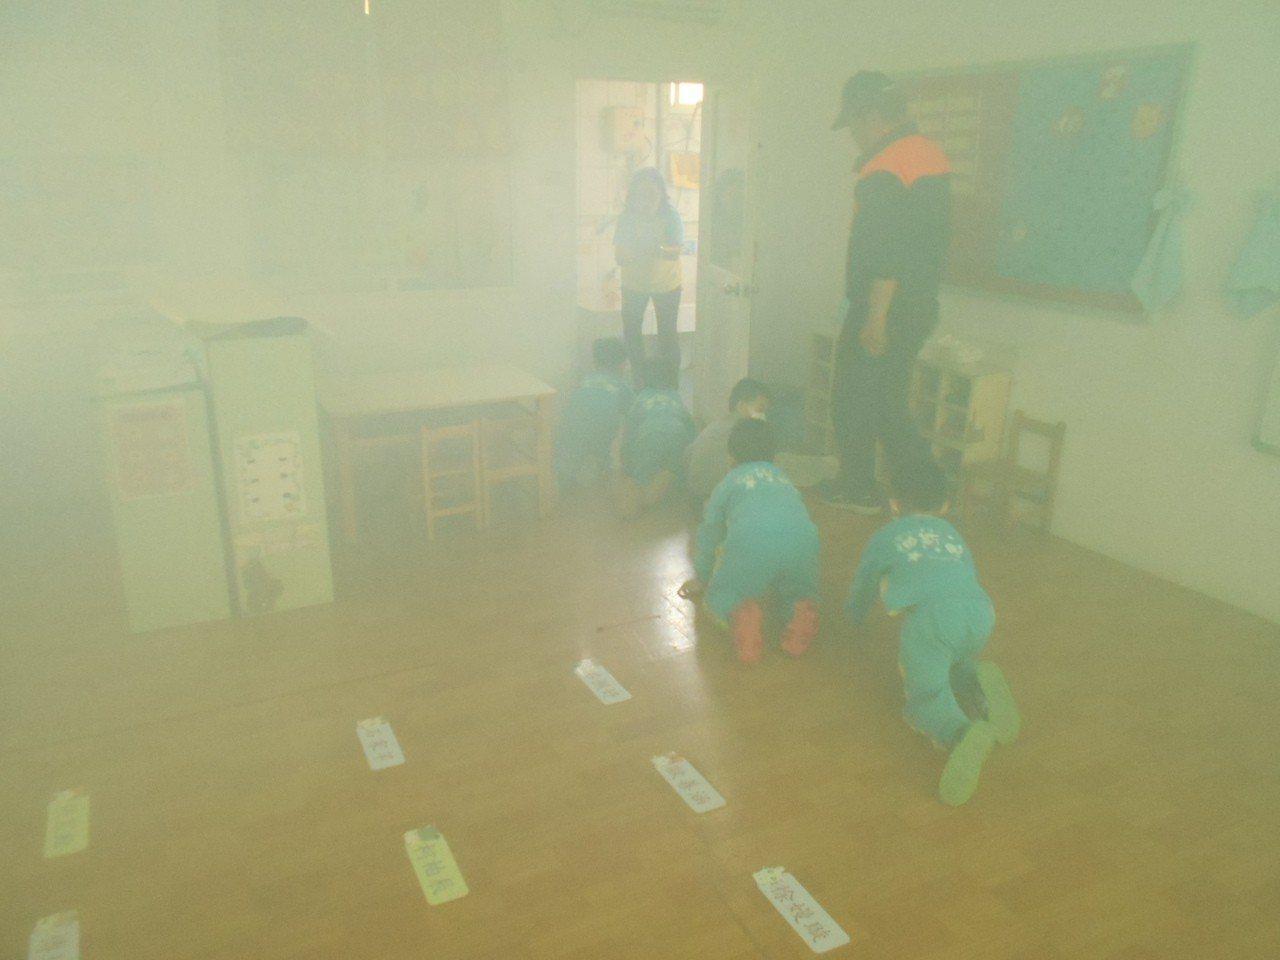 梓官消防分隊在迪斯奈幼兒園舉行防火宣導,讓幼兒體驗如遇到大火煙霧時,可採低姿式爬...